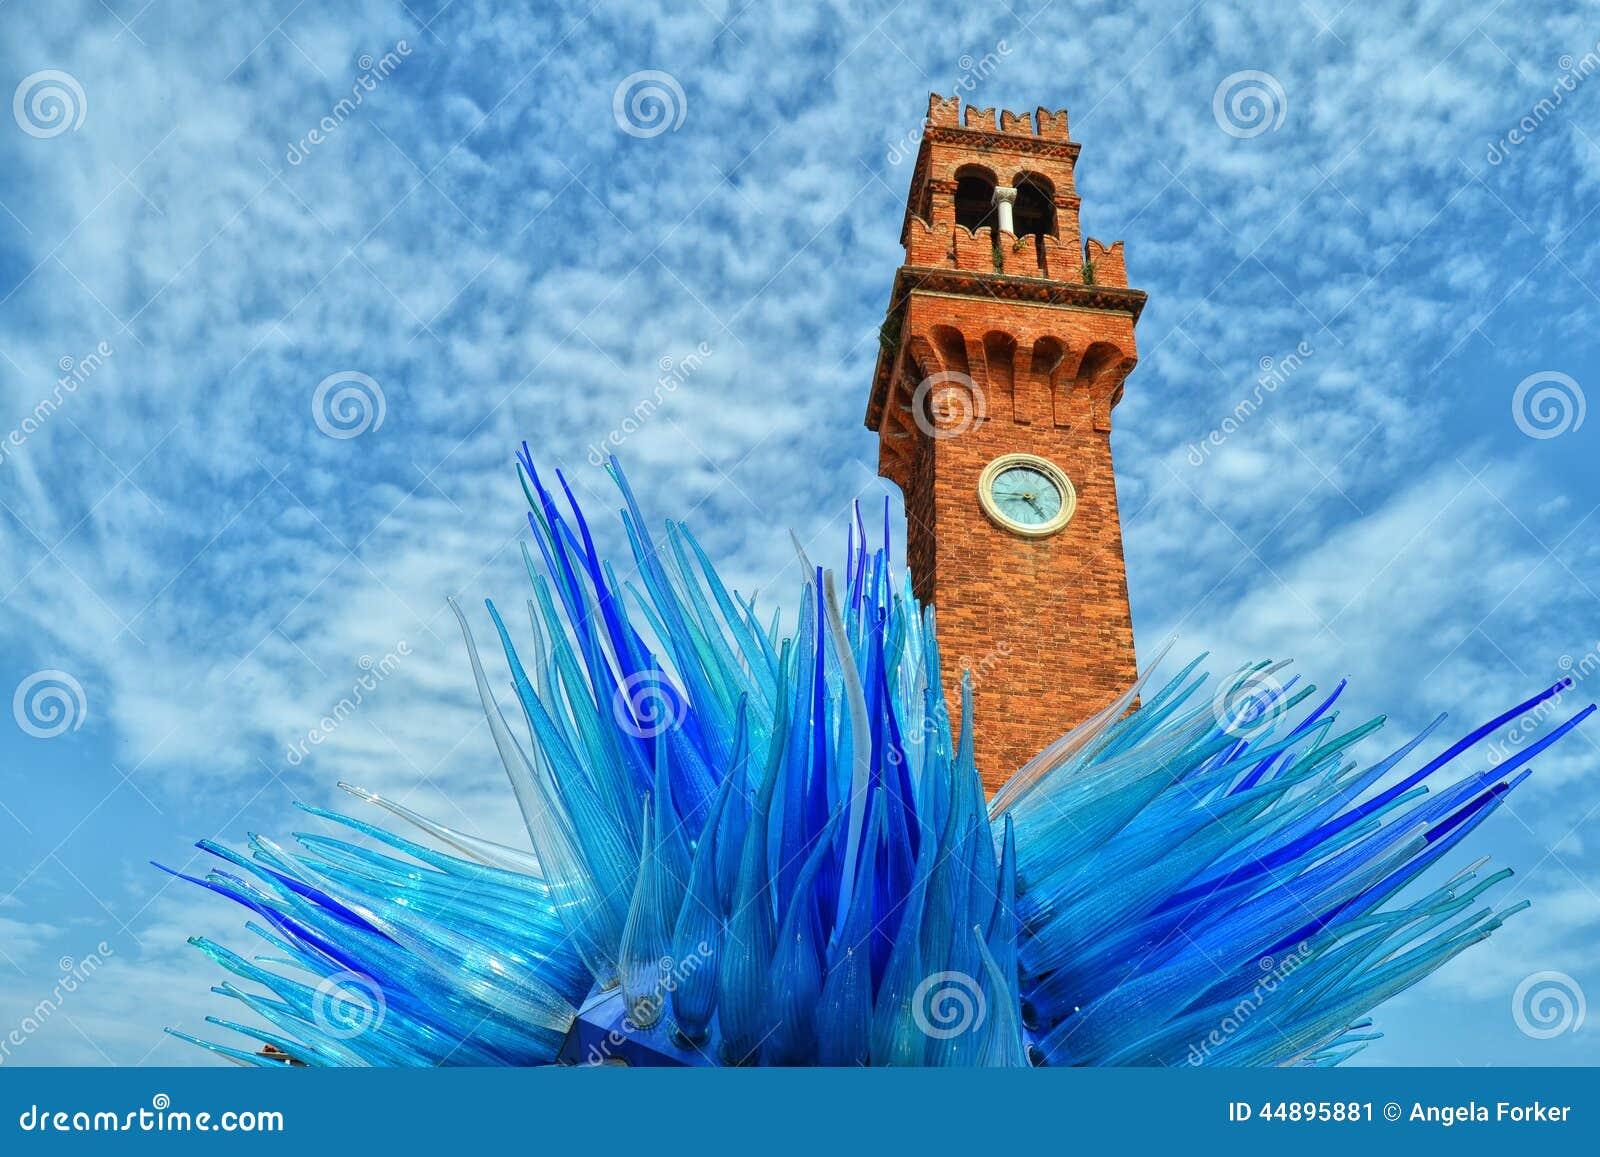 Zadziwiająca Szklana rzeźba w Murano